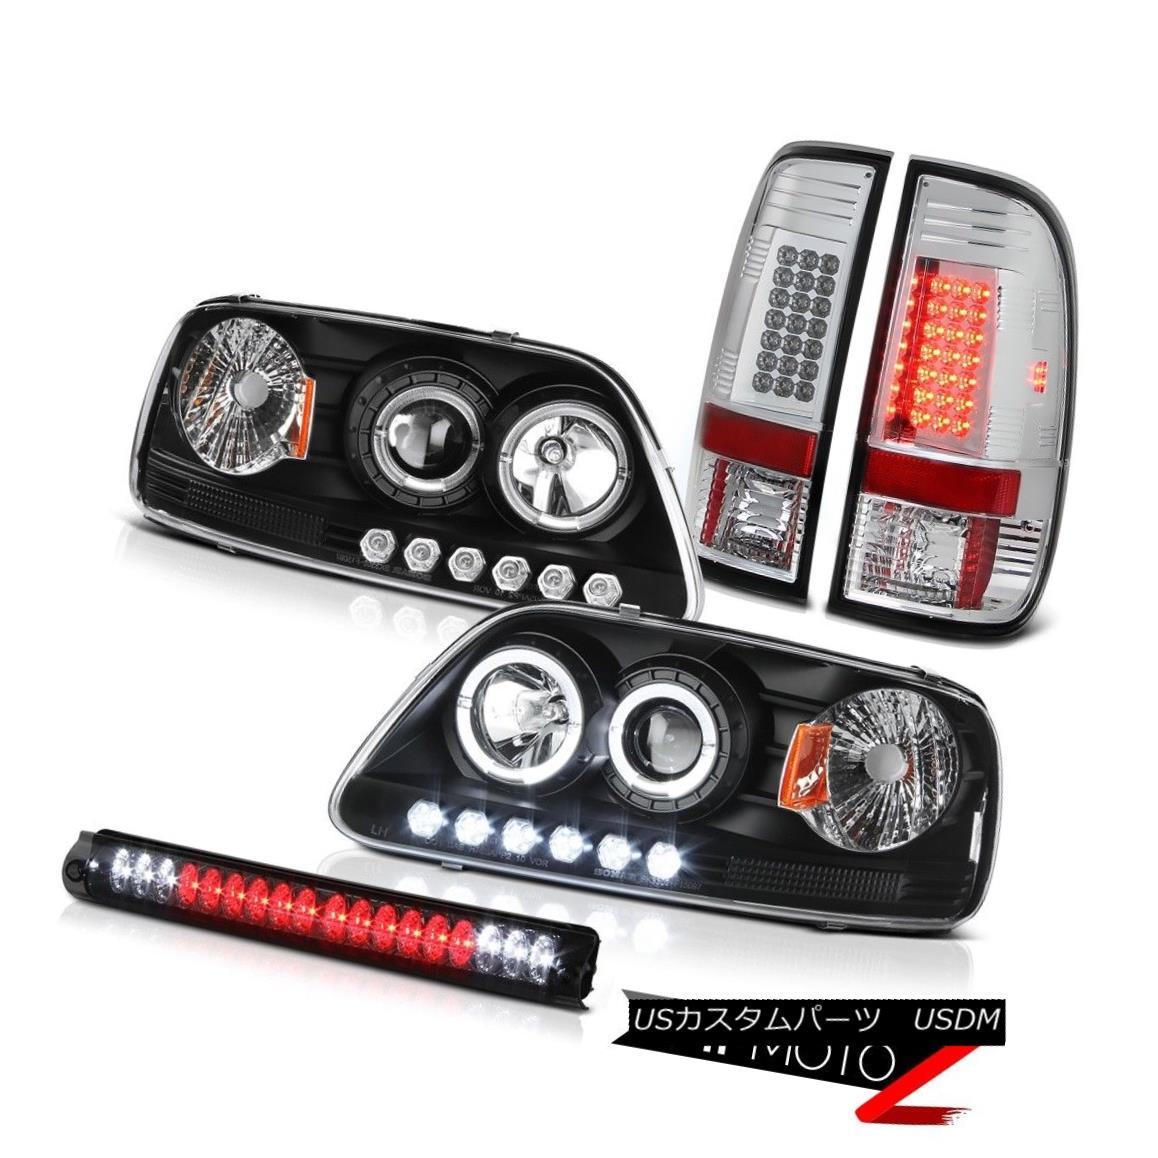 ヘッドライト 1999 2000 2001 F150 SVT Halo LED SMD Headlights Brake Taillights High Stop Light 1999 2000 2001 F150 SVT Halo LED SMDヘッドライトブレーキテールライトハイストップライト